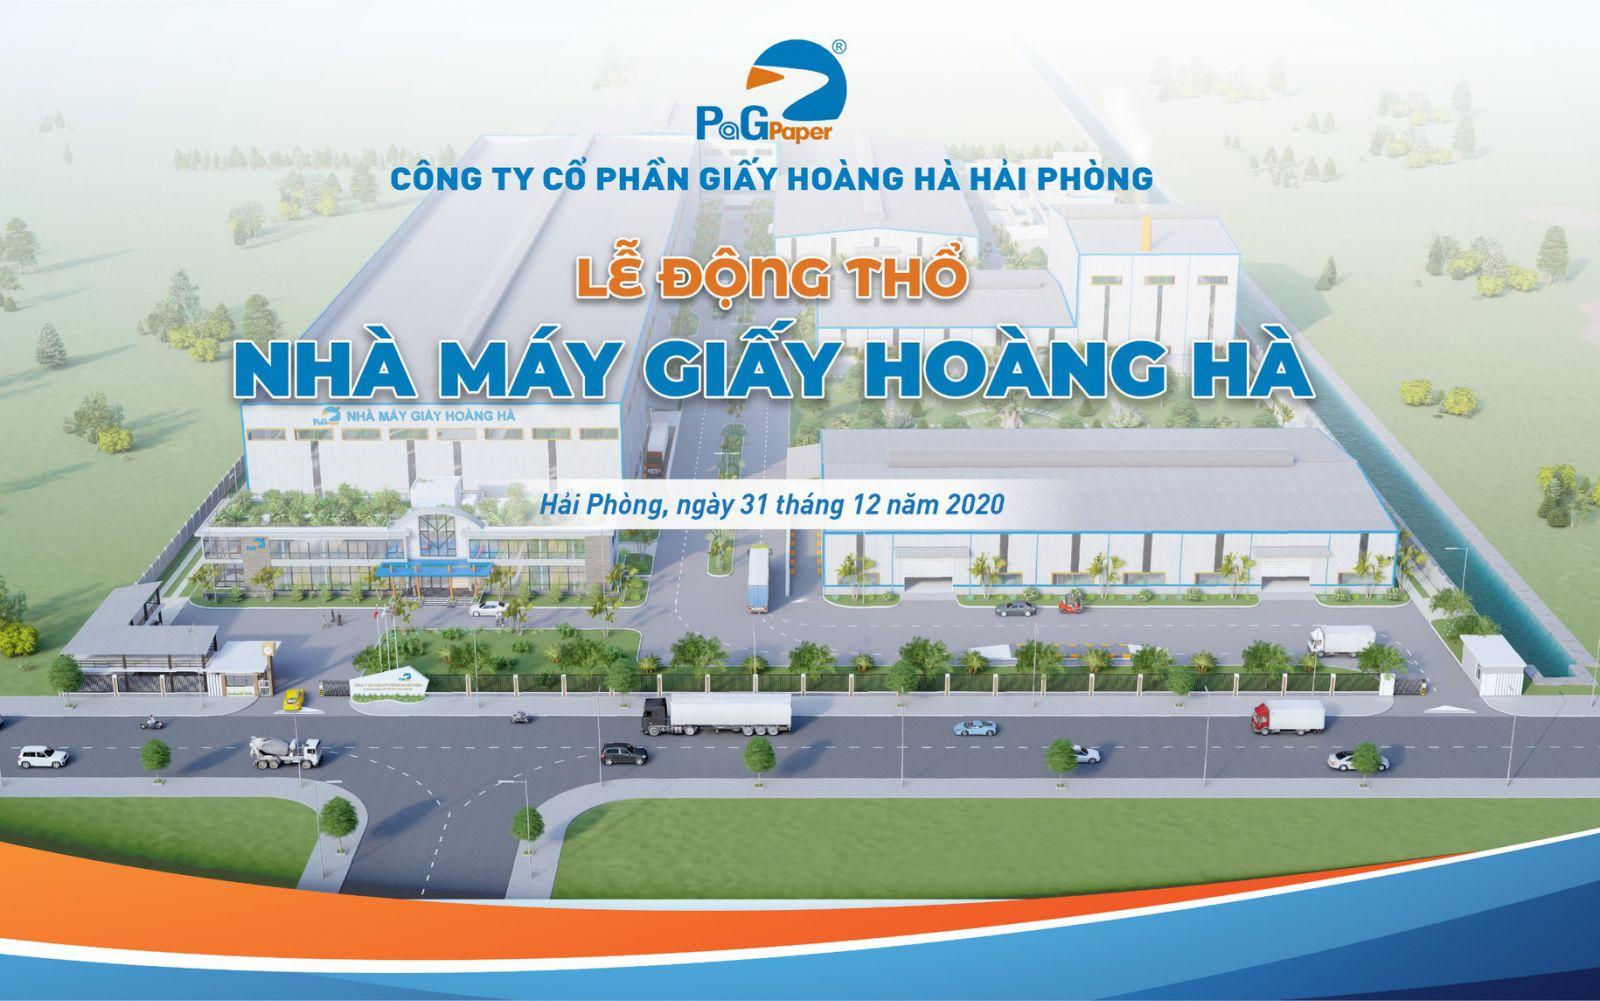 Giấy Hoàng Hà Hải Phòng đặt kế hoạch lãi 2021 gấp 3 nhờ bất động sản